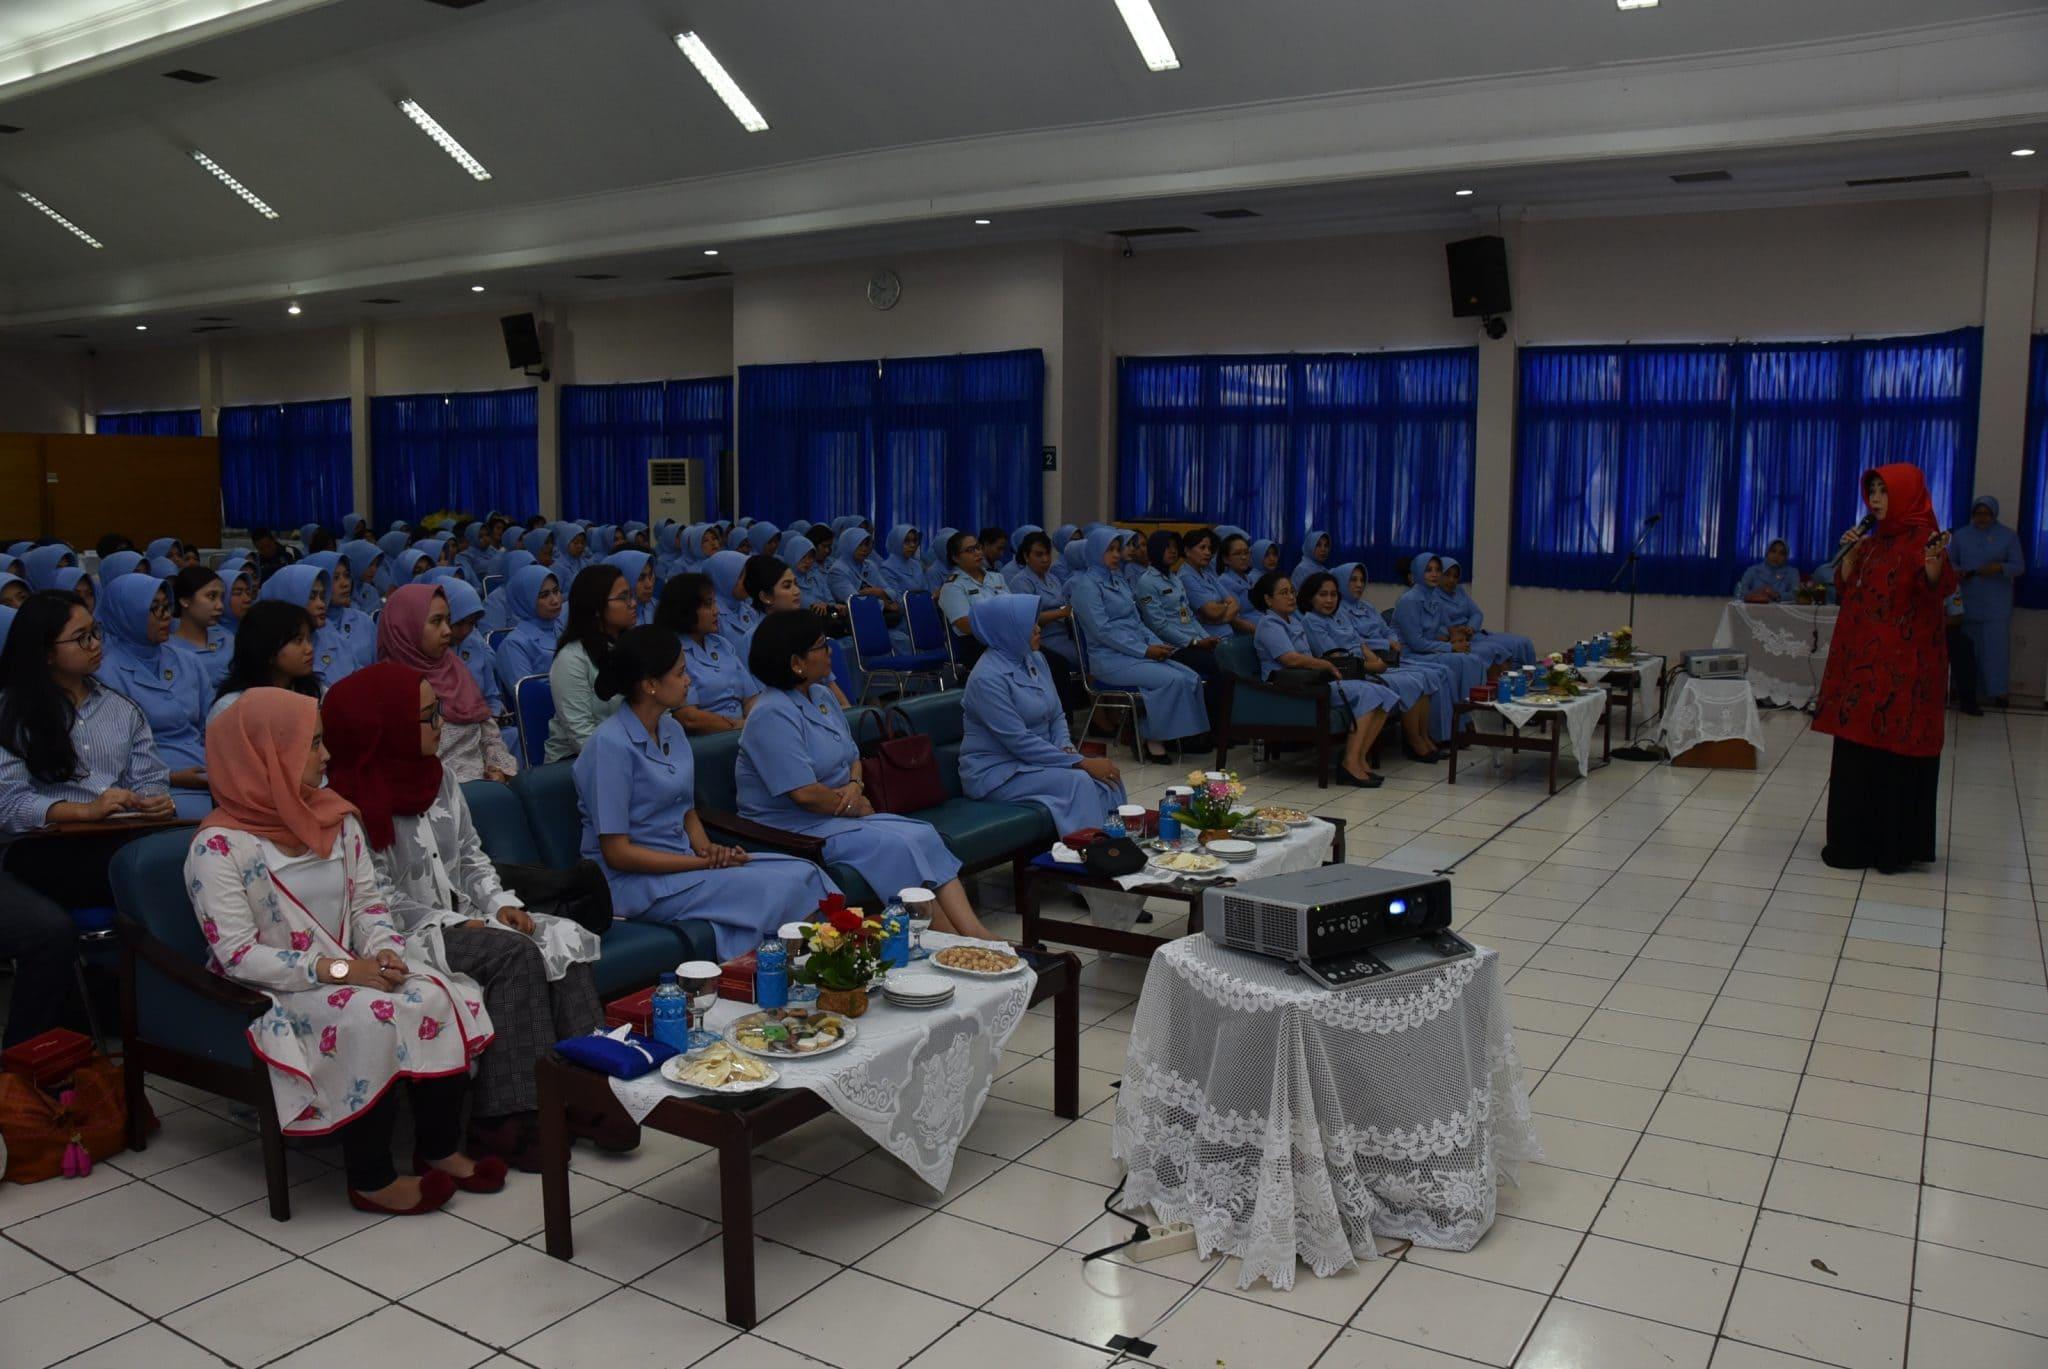 Pelaksanaan Ceramah tentang KDRT, Pornografi, dan Narkoba anggota PIA Ardhya Garini Gab III Koharmatau